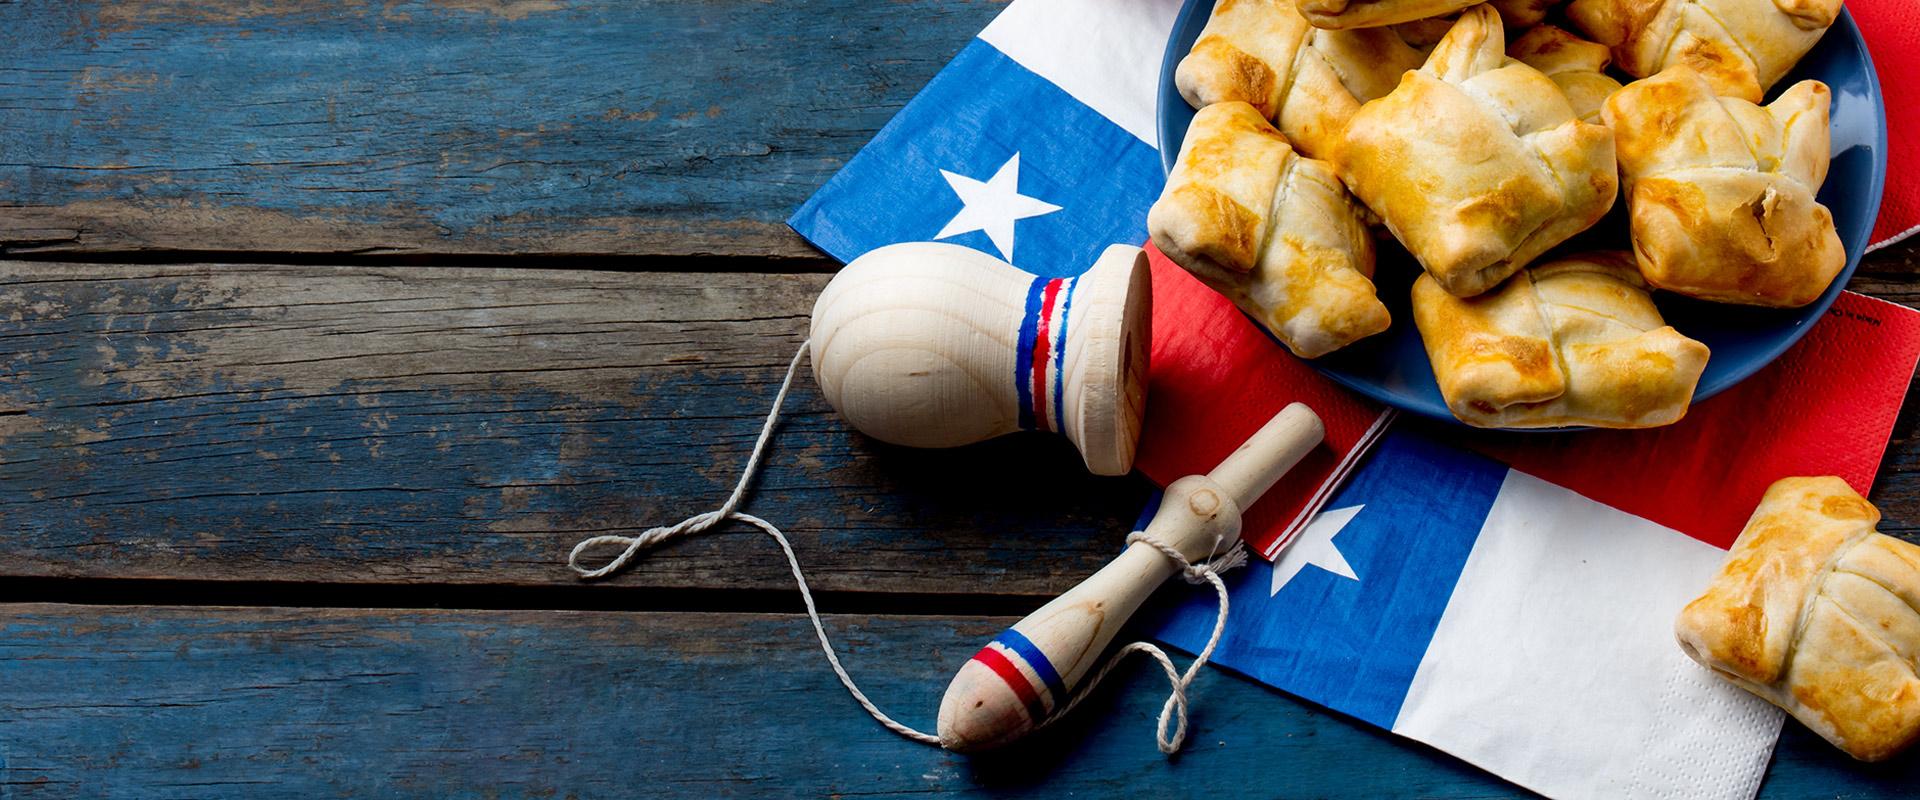 ¿Cómo ven los extranjeros las fiestas patrias de Chile?